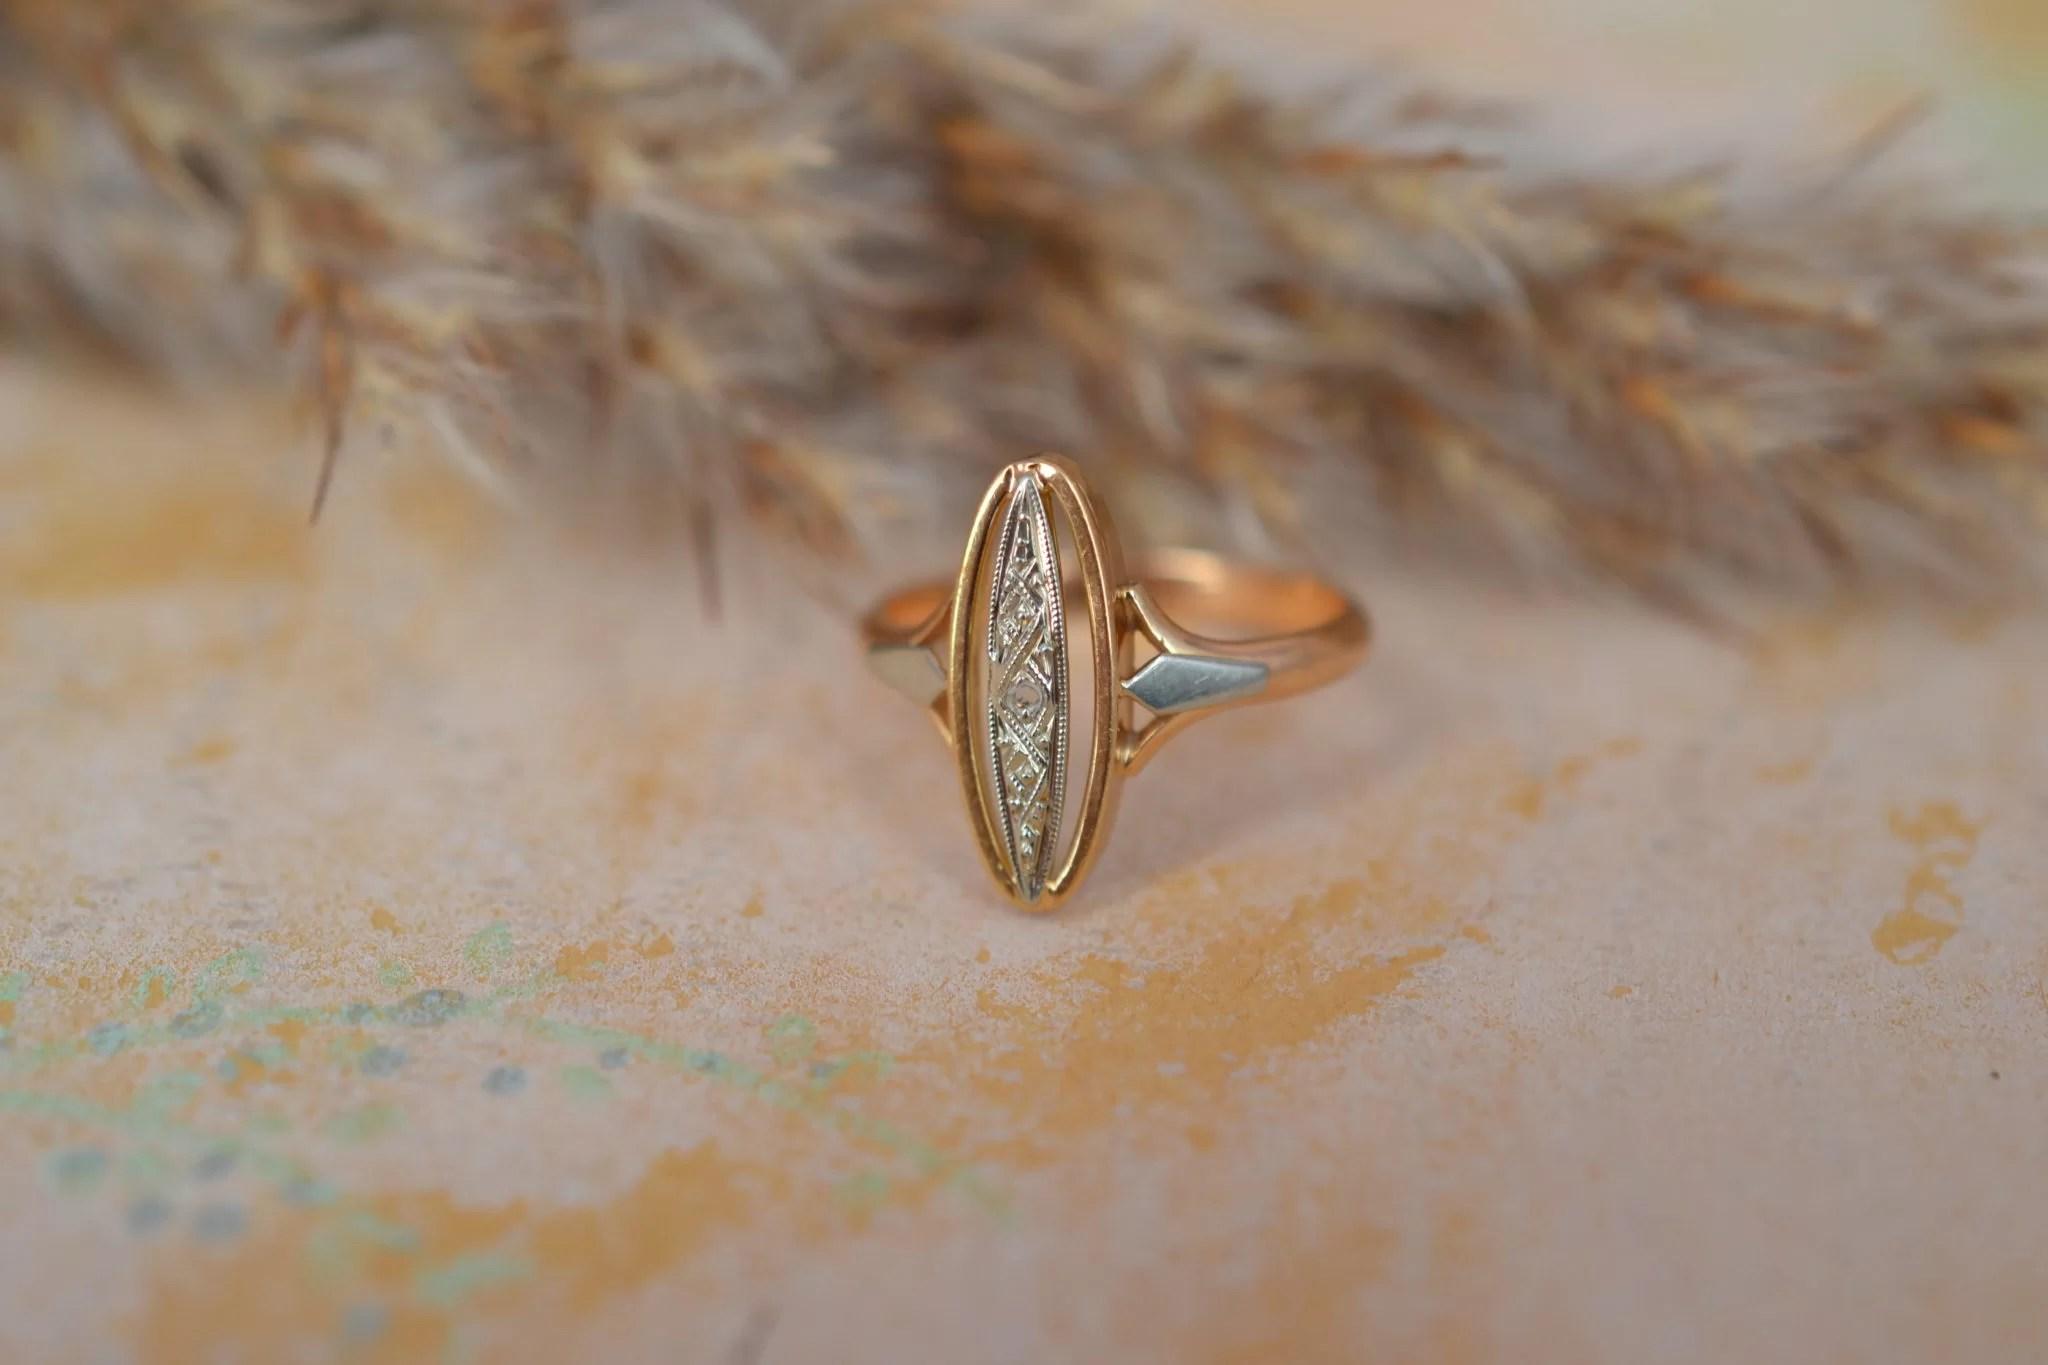 Bague en Or jaune et Or blanc sertie d_une pierre blanche sur un ornement ovale au décor géométrique - bague ancienne